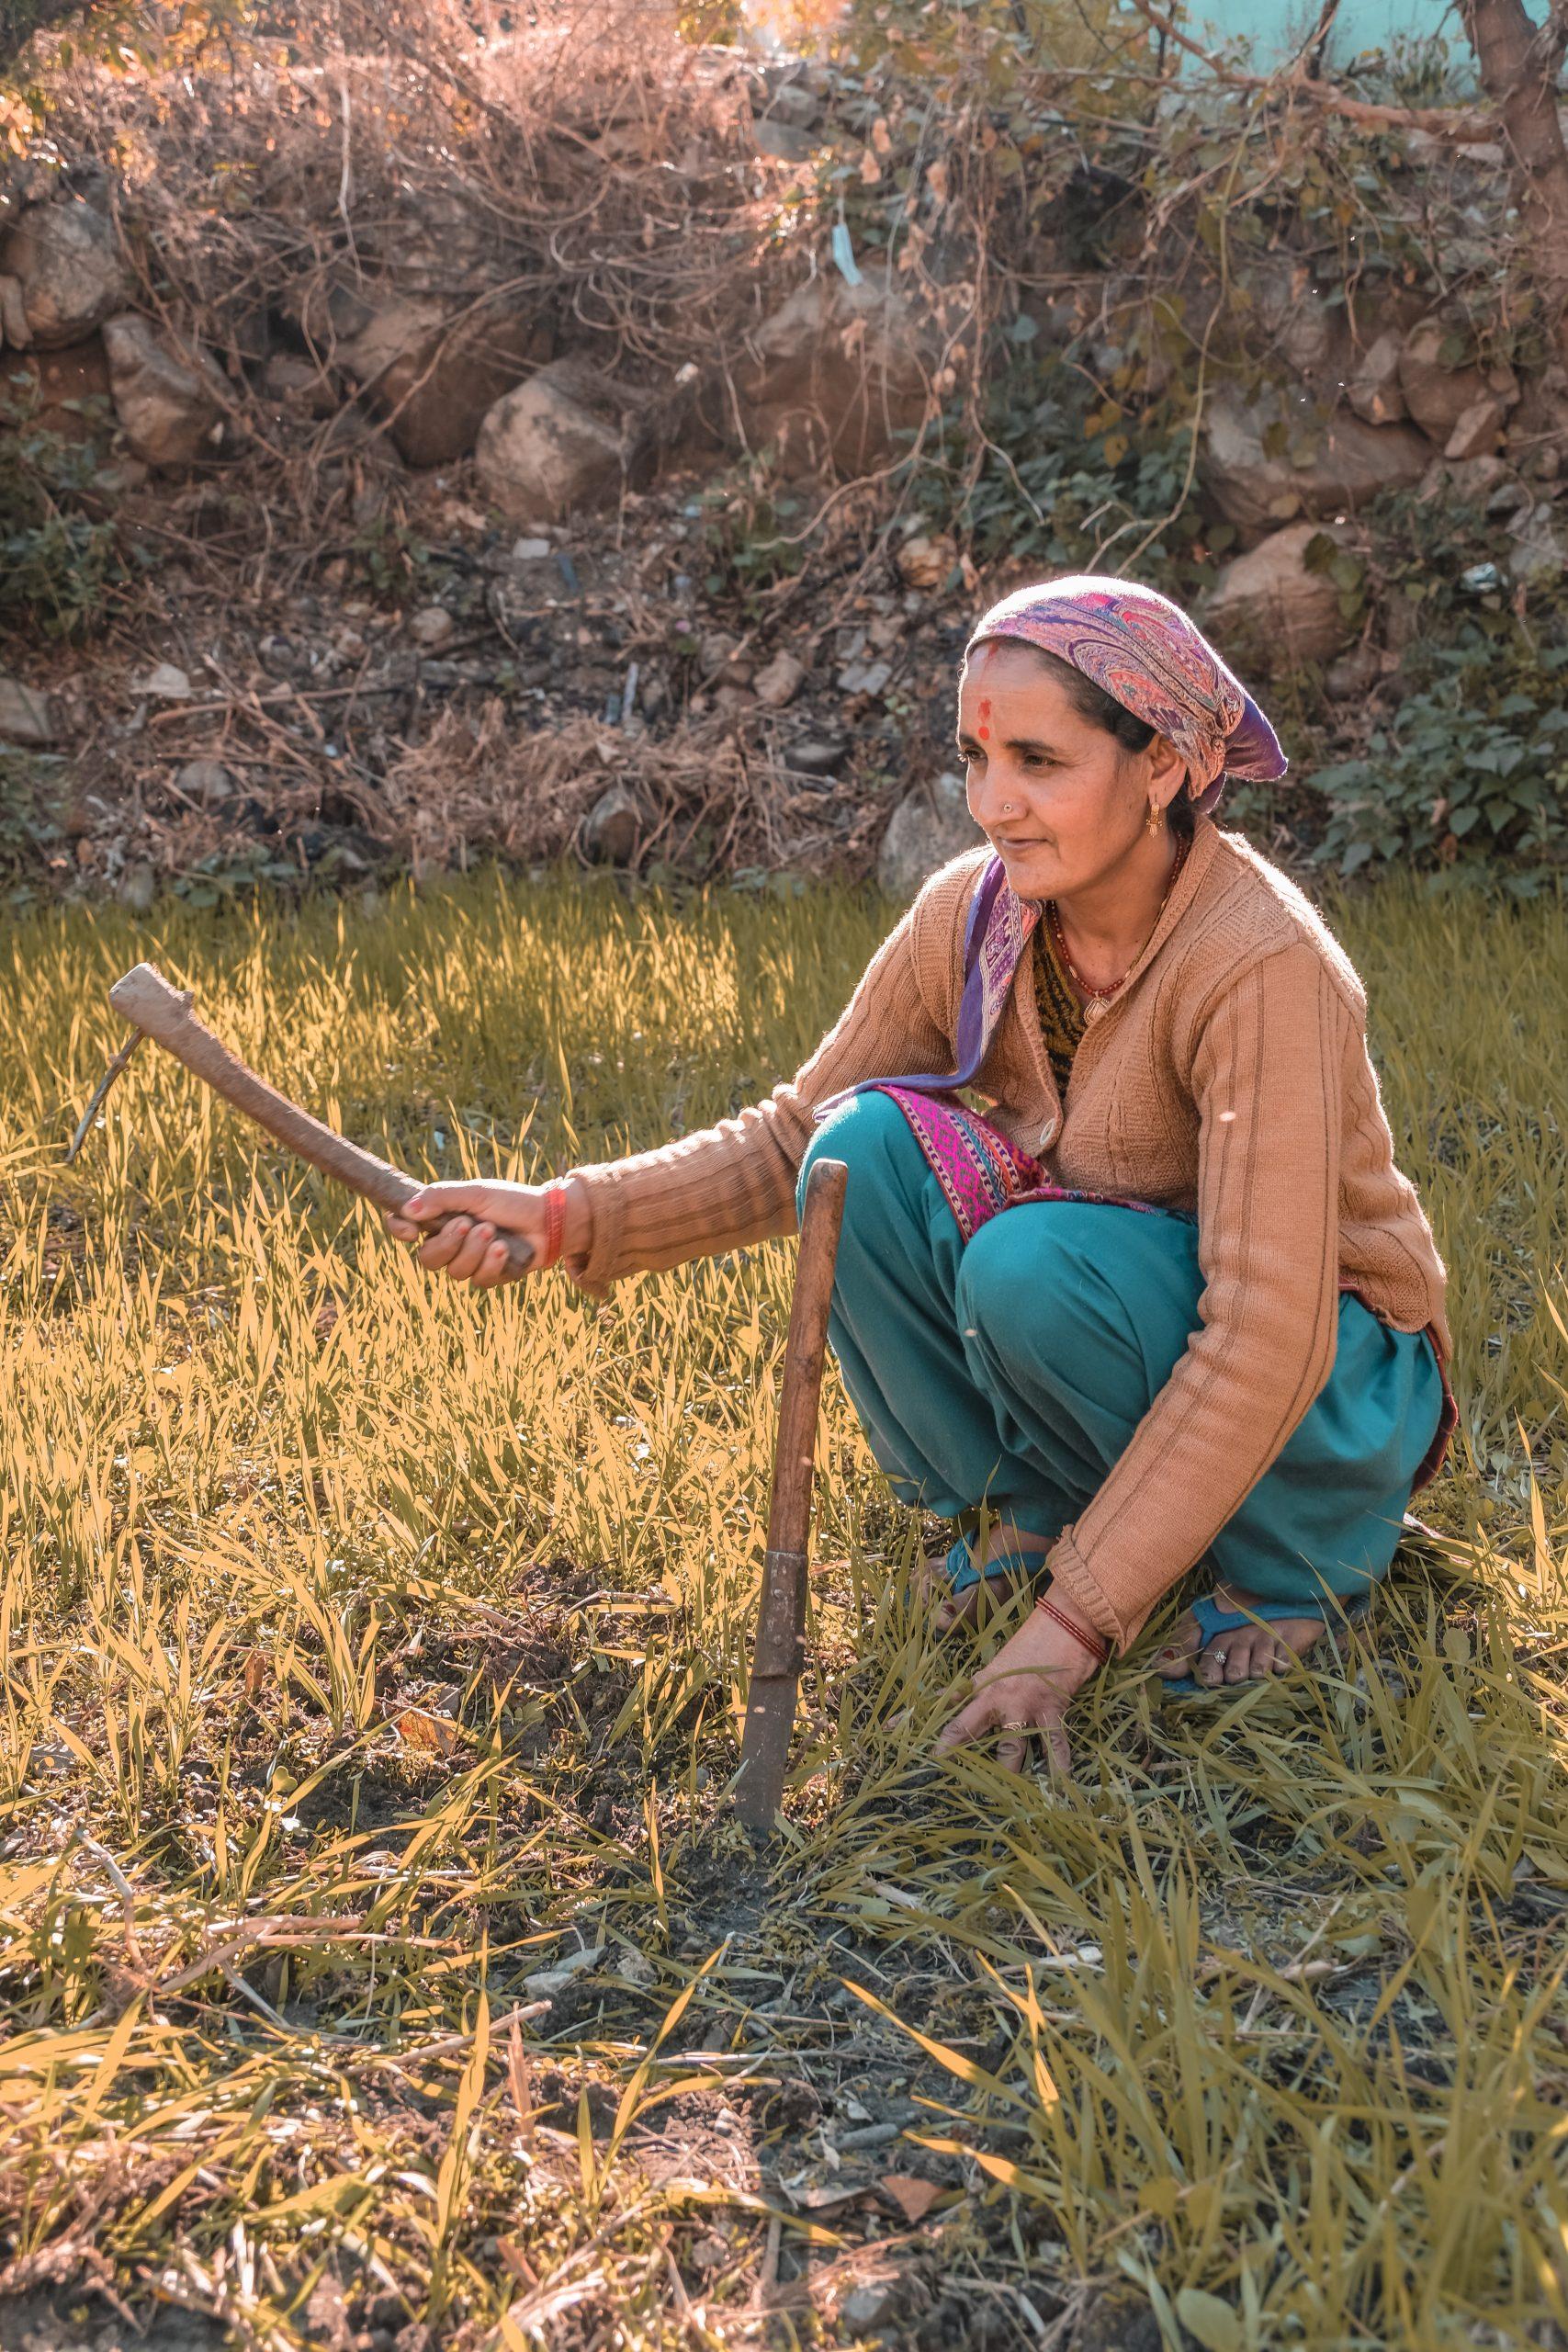 a woman farming